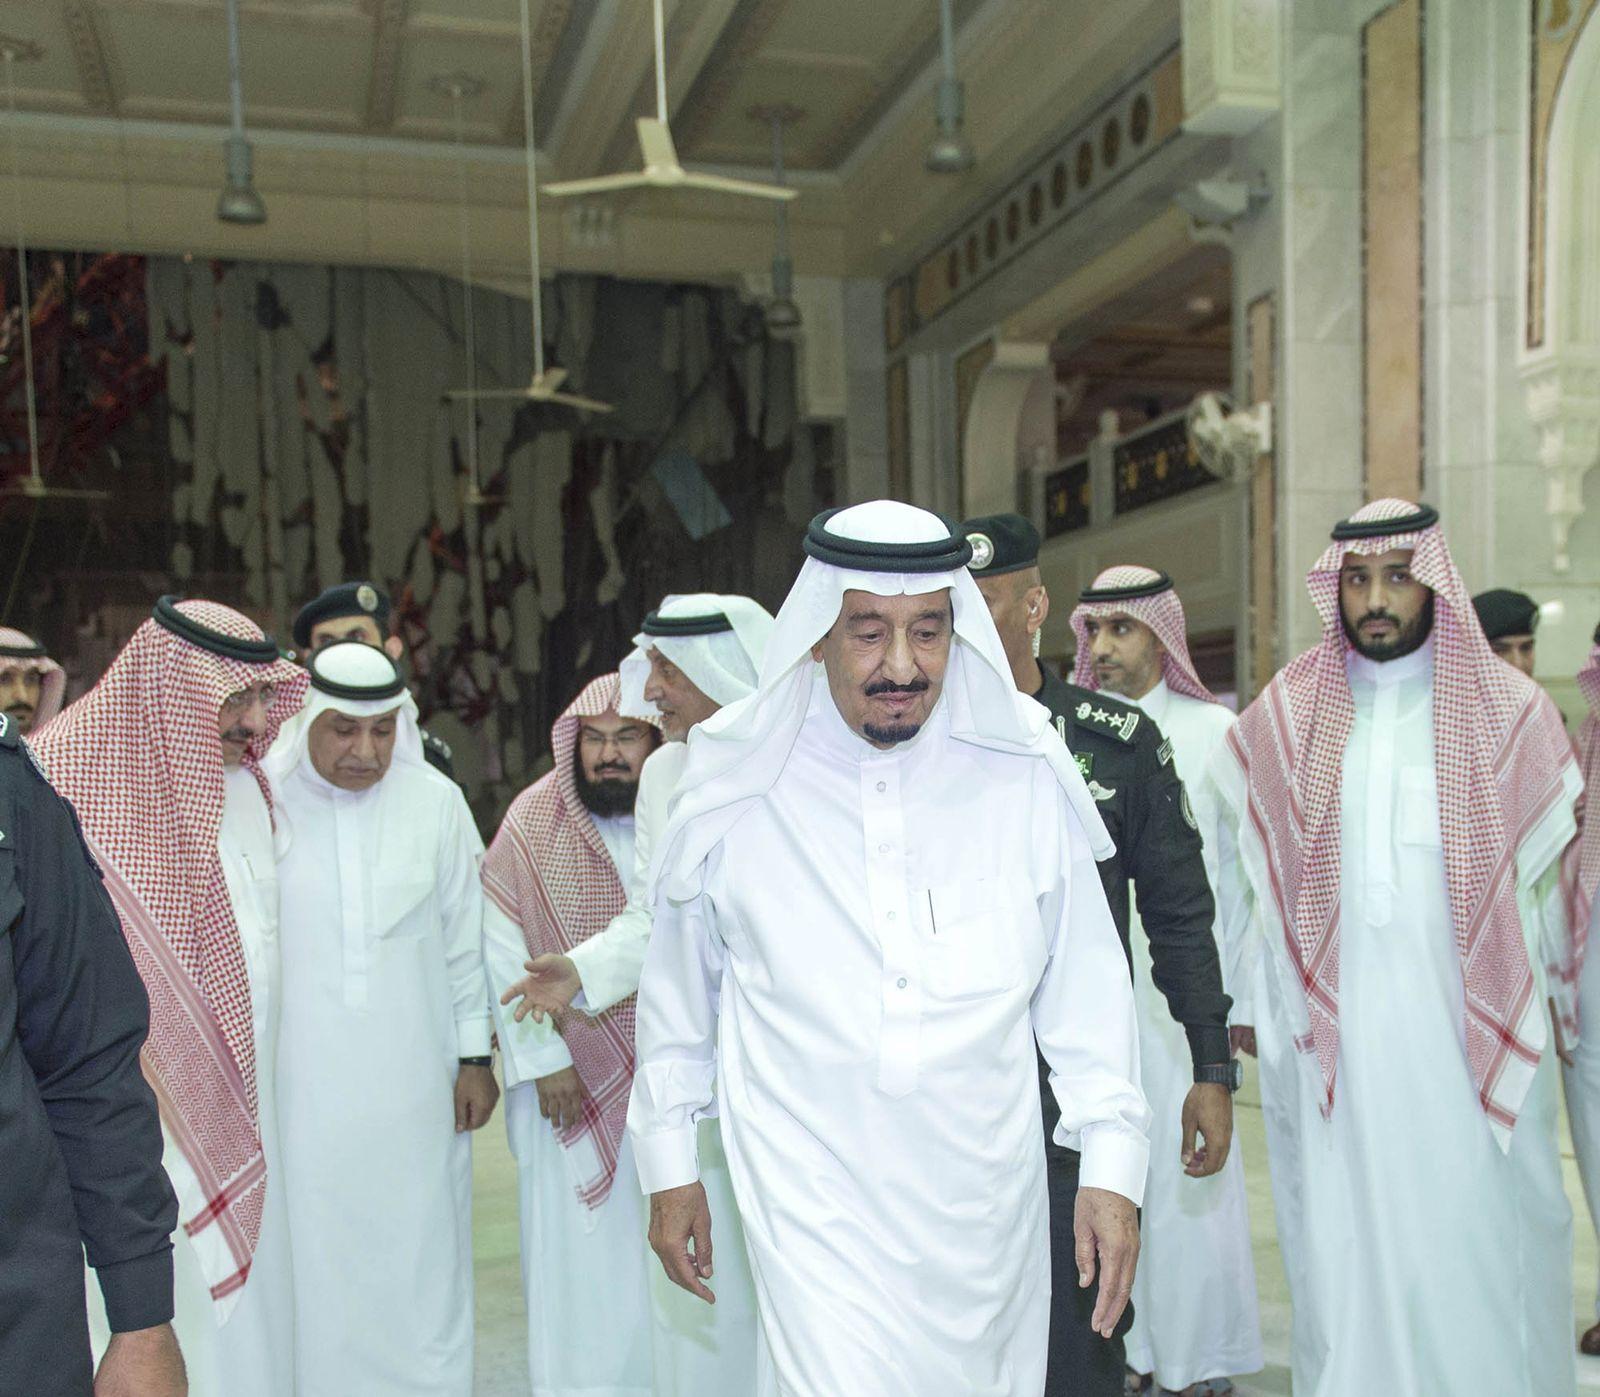 König Salman Saudi-Arabien, Mekka